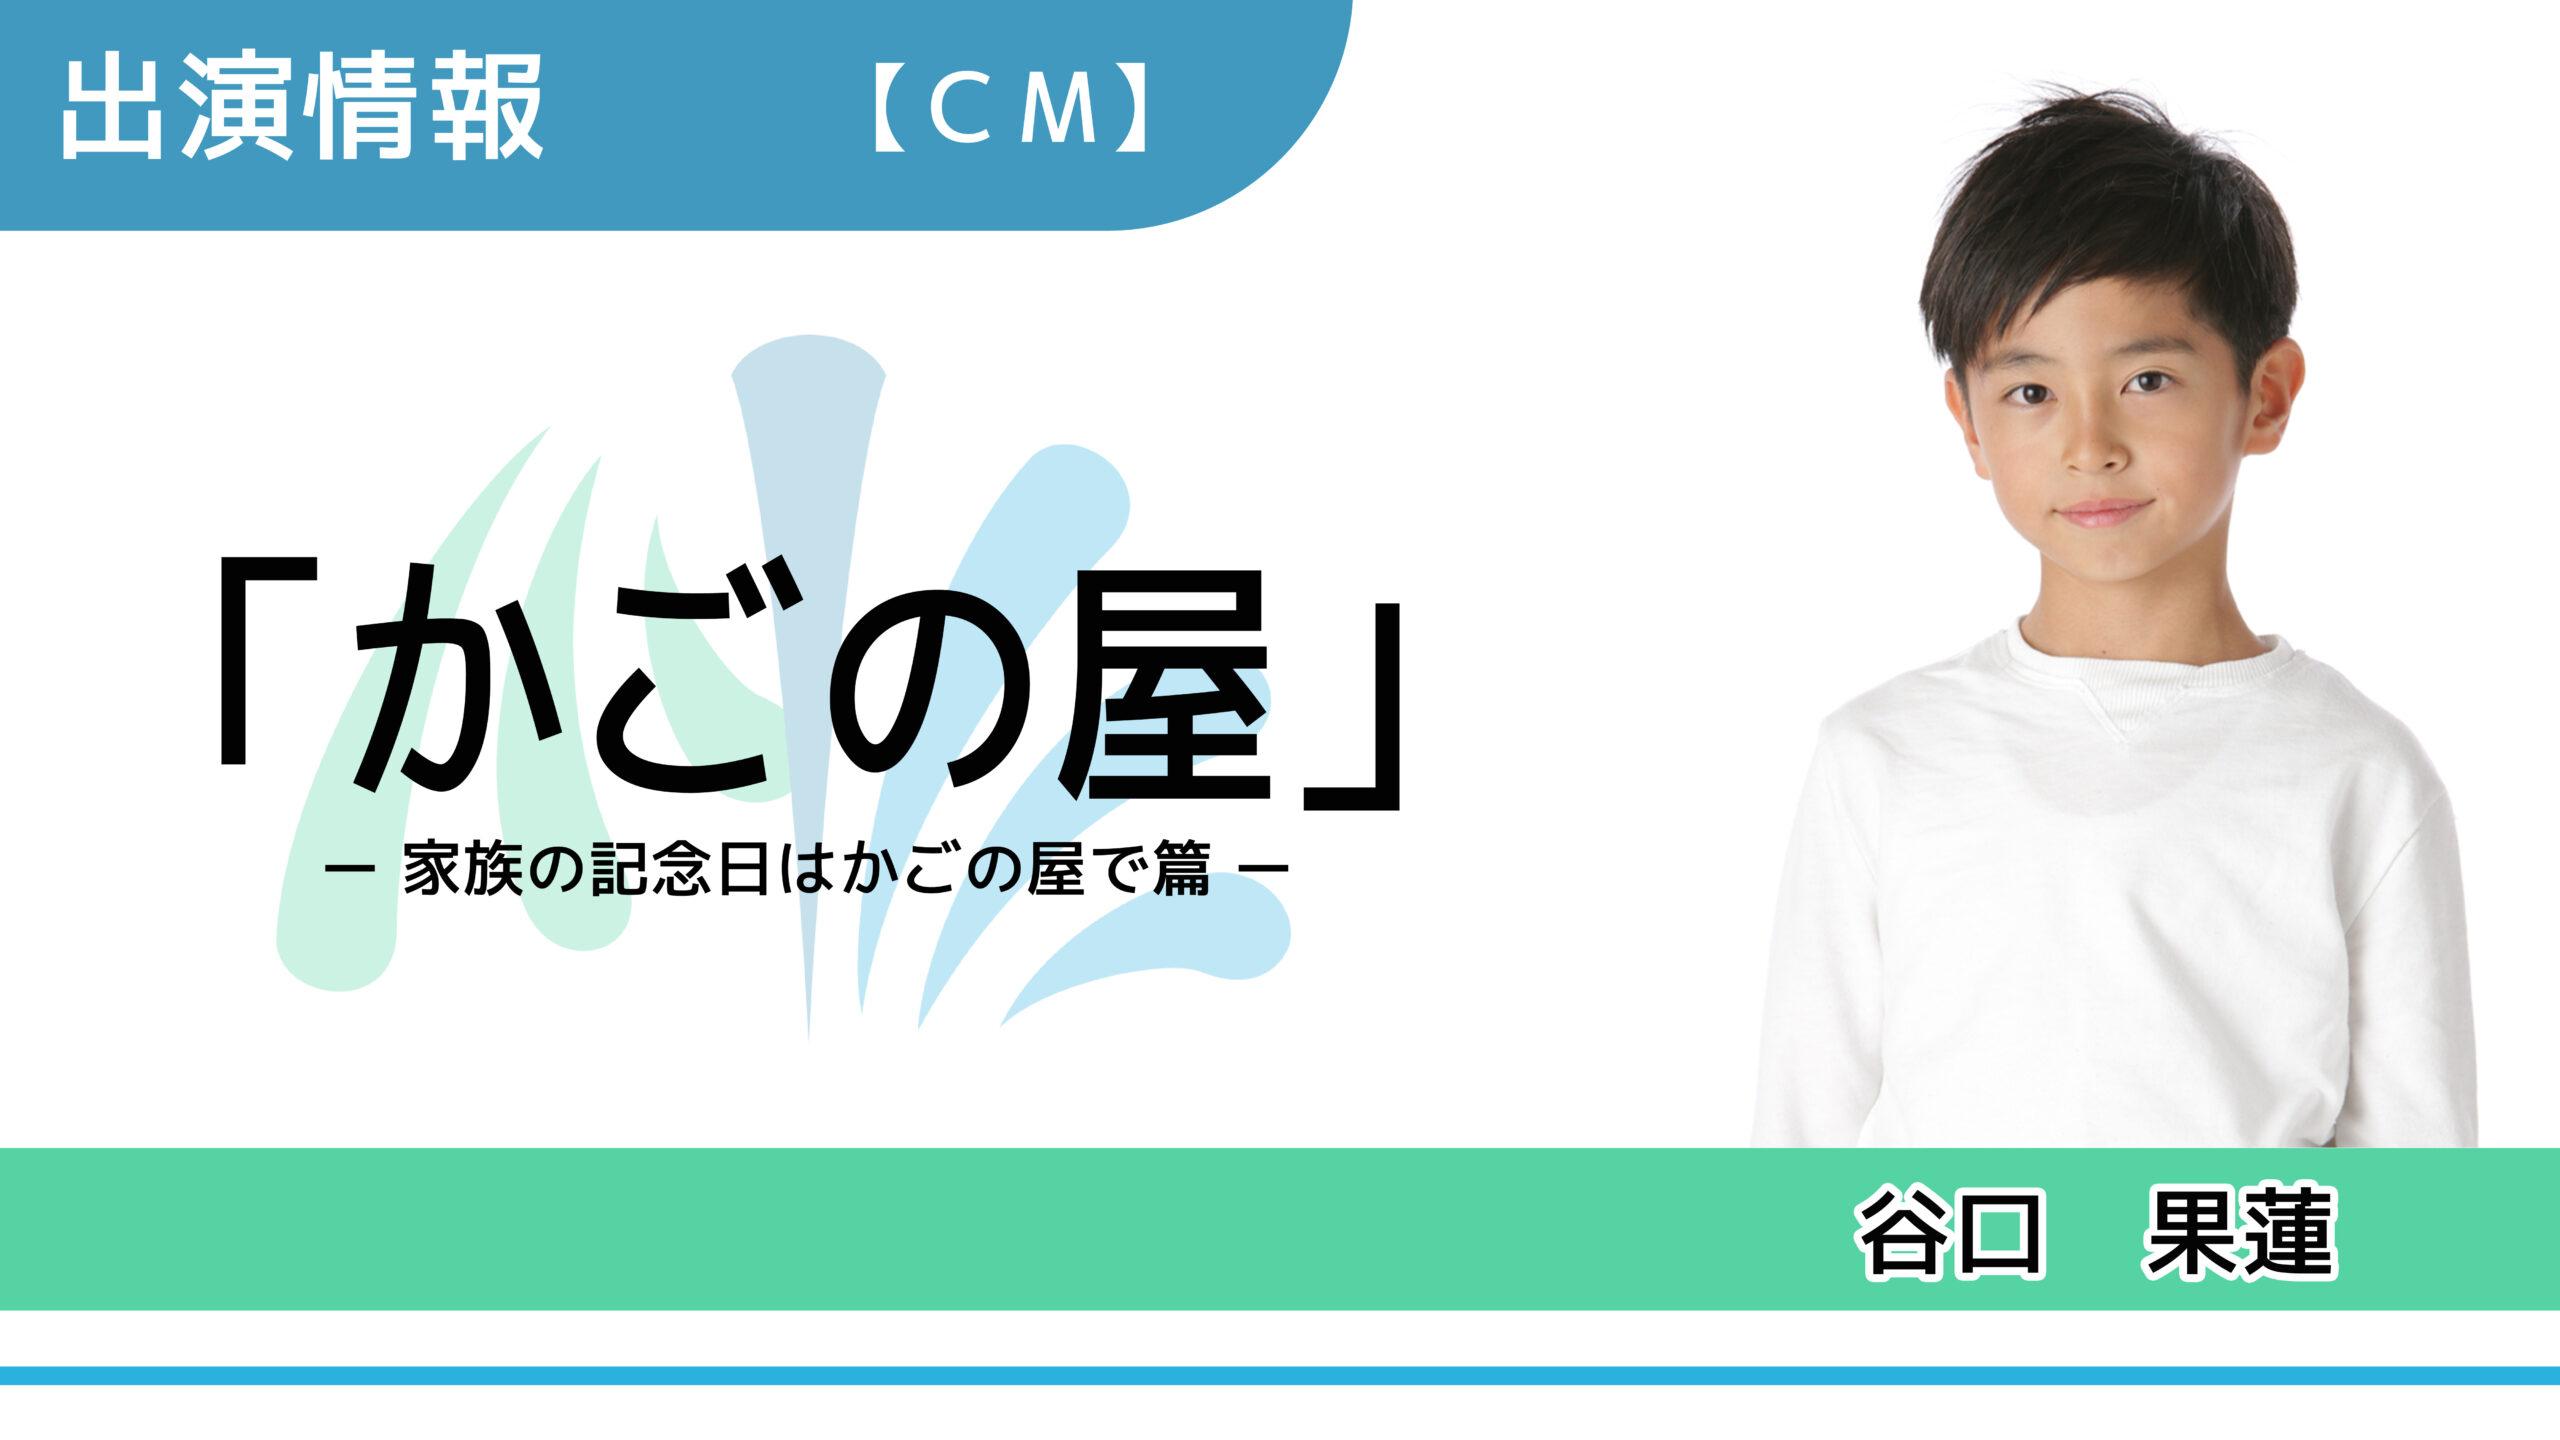 【出演情報】谷口果蓮 / 「かごの屋~家族の記念日はかごの屋で篇~」CM出演